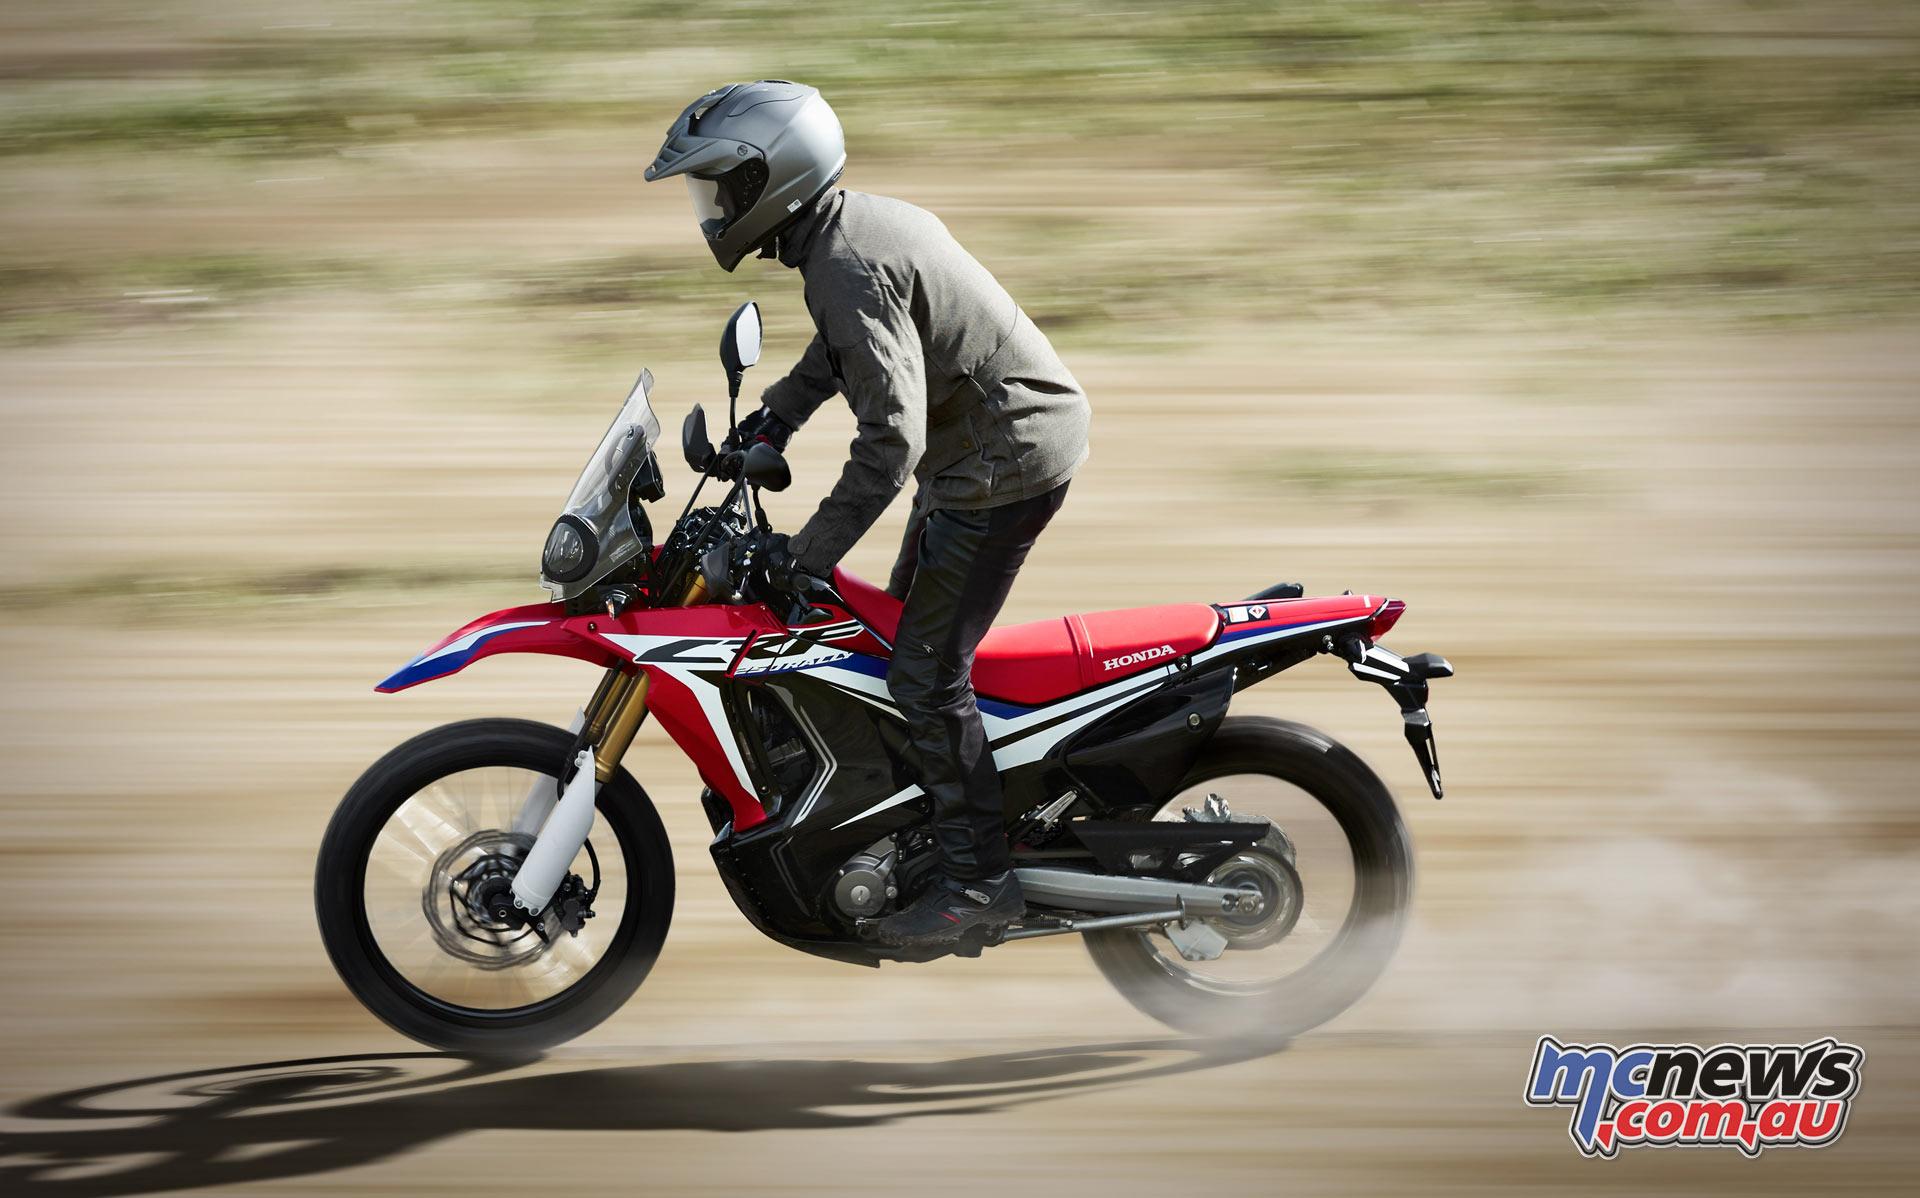 Honda Crf 250 Rally 7299 Due March 2017 Mcnews Com Au